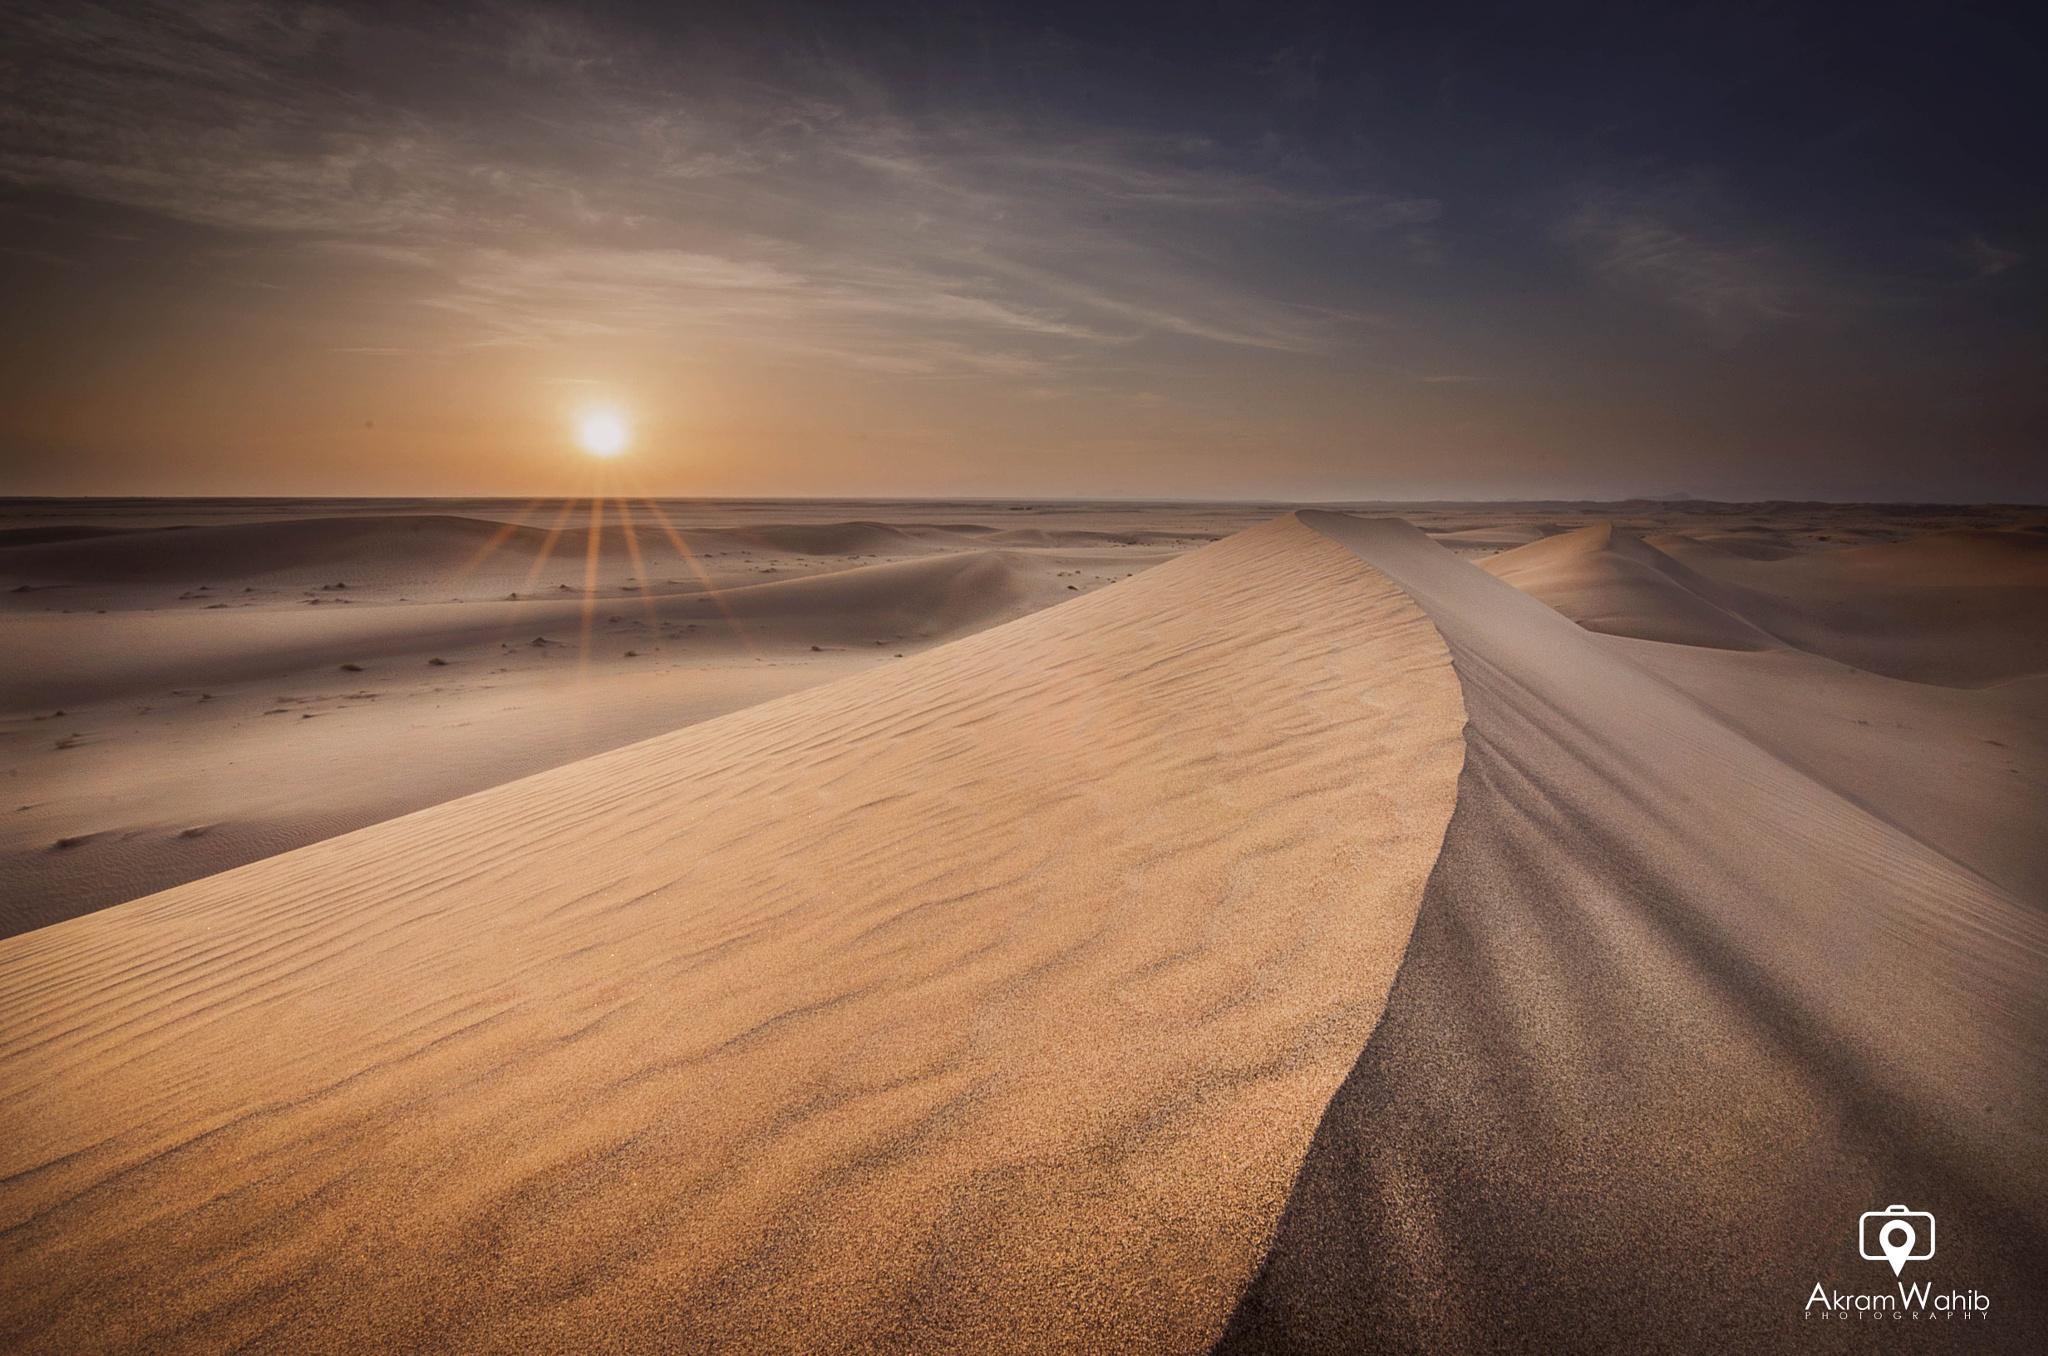 Sunset in Desert by Akram Wahib